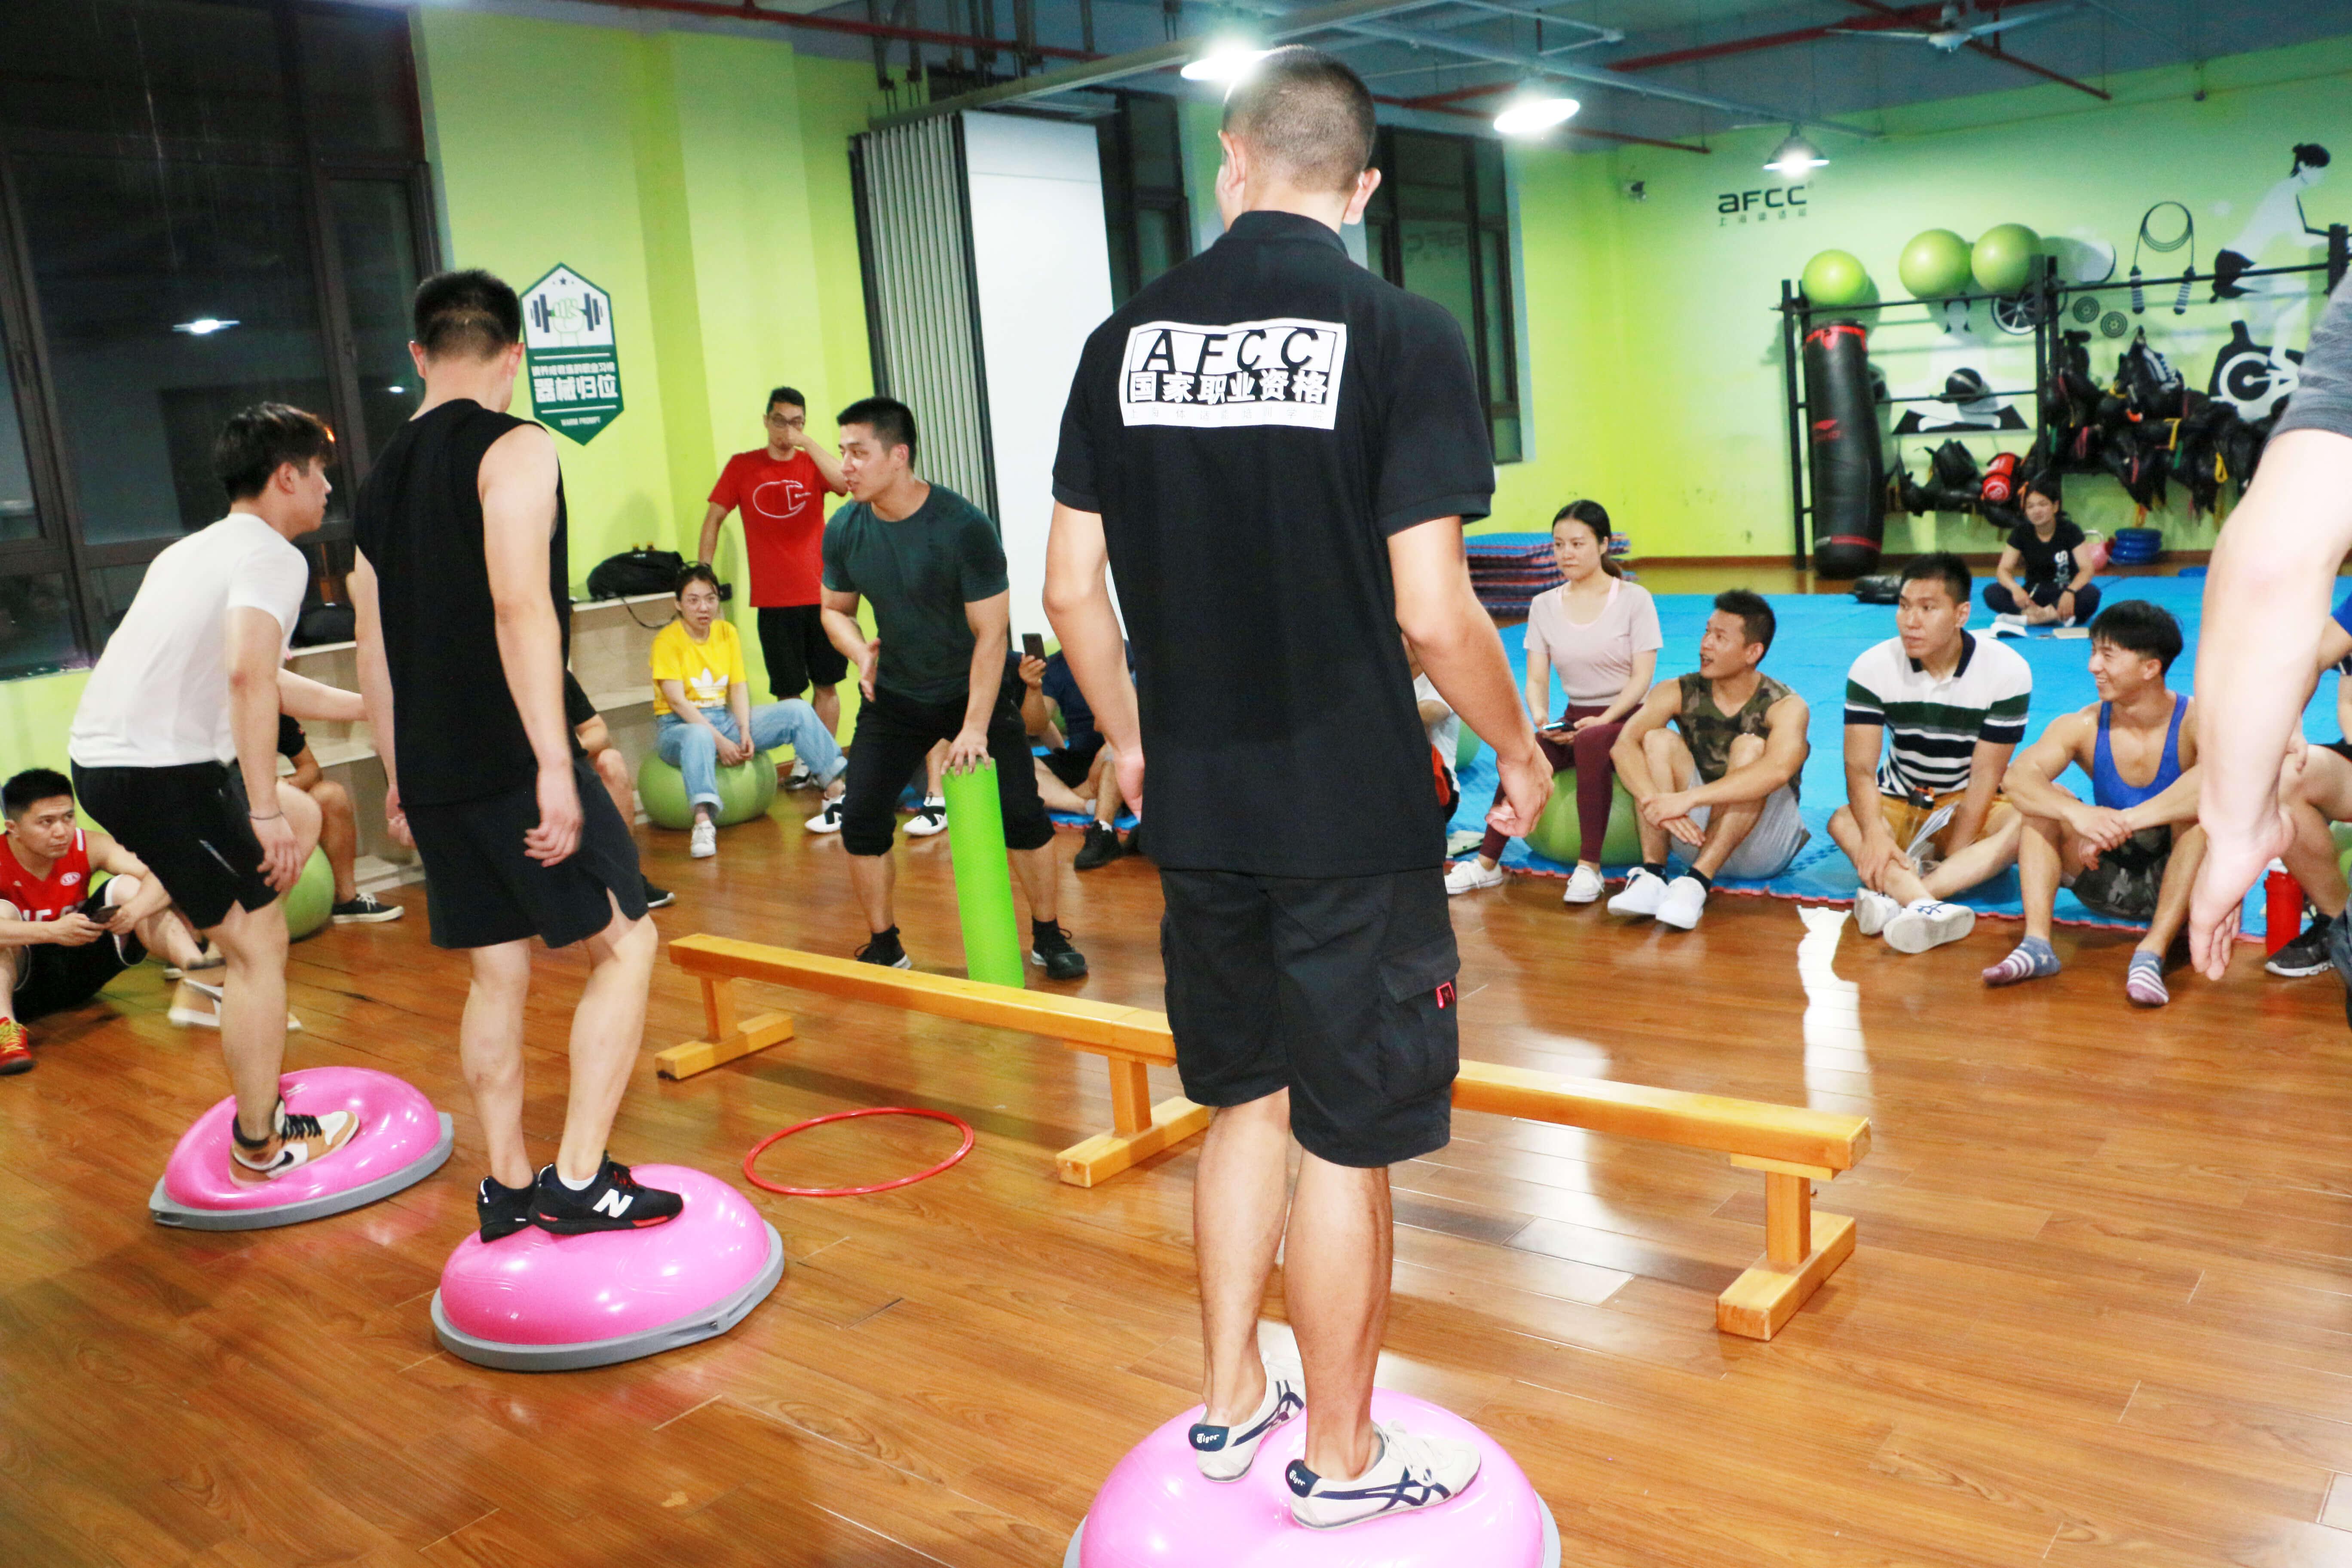 上海体适能的少儿体适能课程对儿体教育模式全面升级